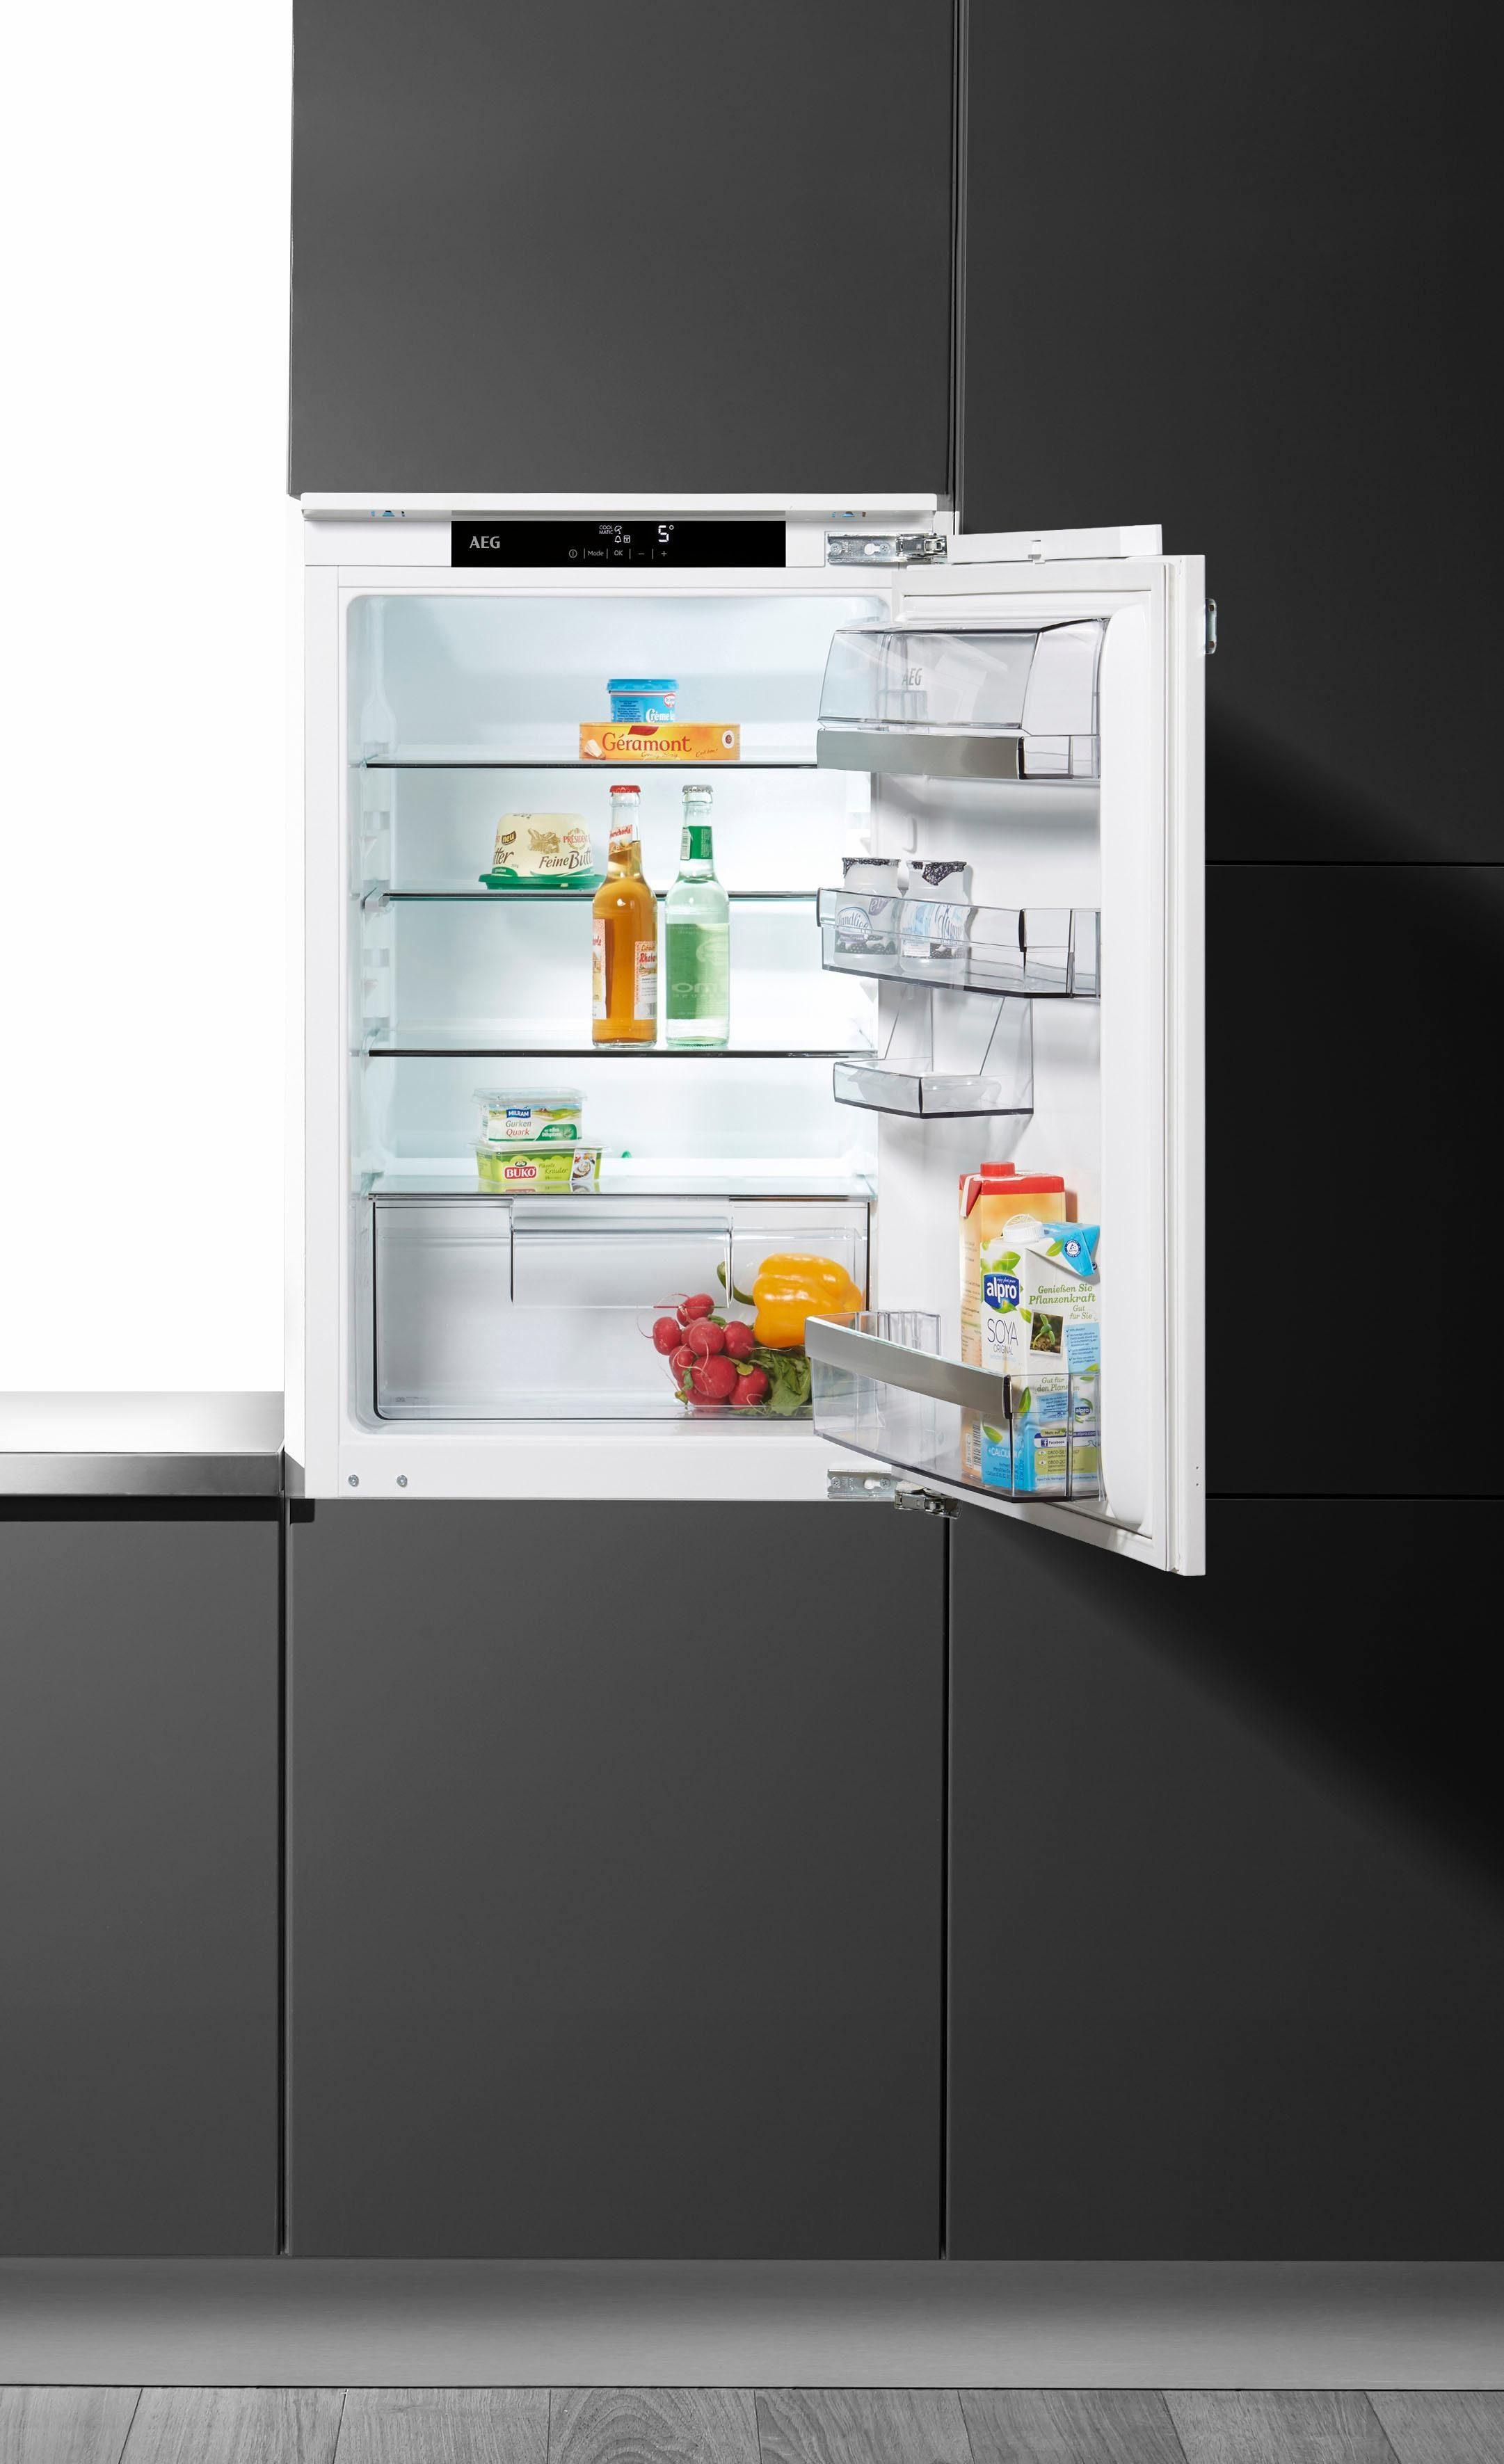 AEG Einbaukühlschrank Santo SKE88831AF, 87,3 cm hoch, 56,0 cm breit, Energieklasse A+++, 87,3 cm hoch, integrierbar